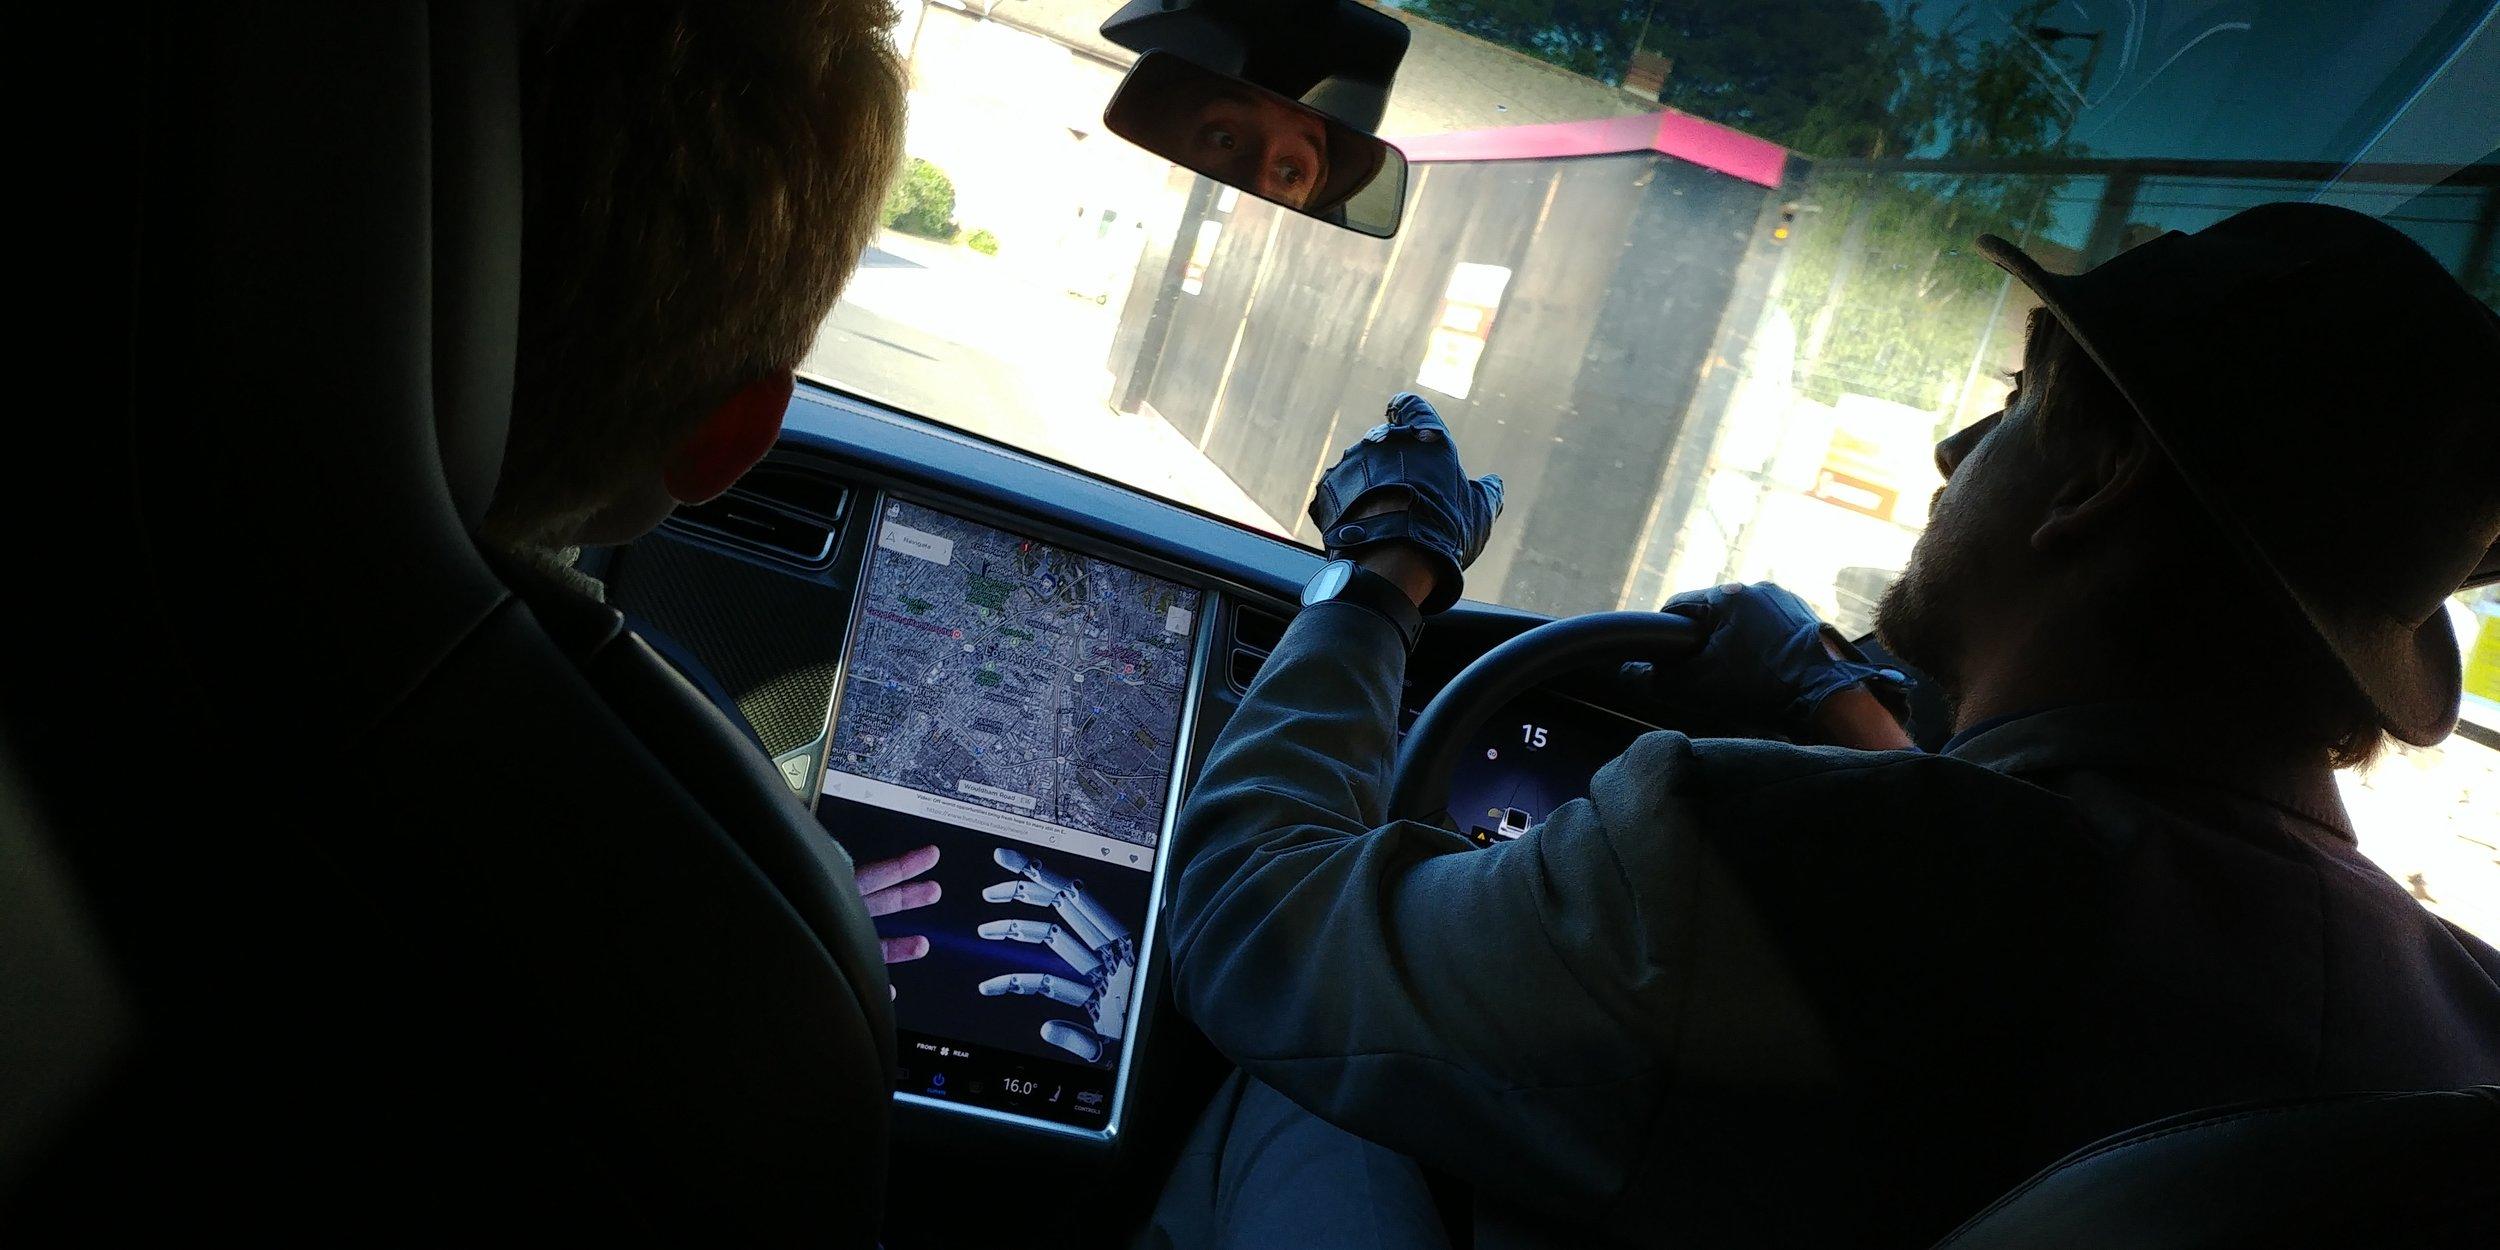 C'è pure il navigatore tarato su Los Angeles! L'autista, fra l'altro, comincia subito a darti informazioni utili per il gioco.